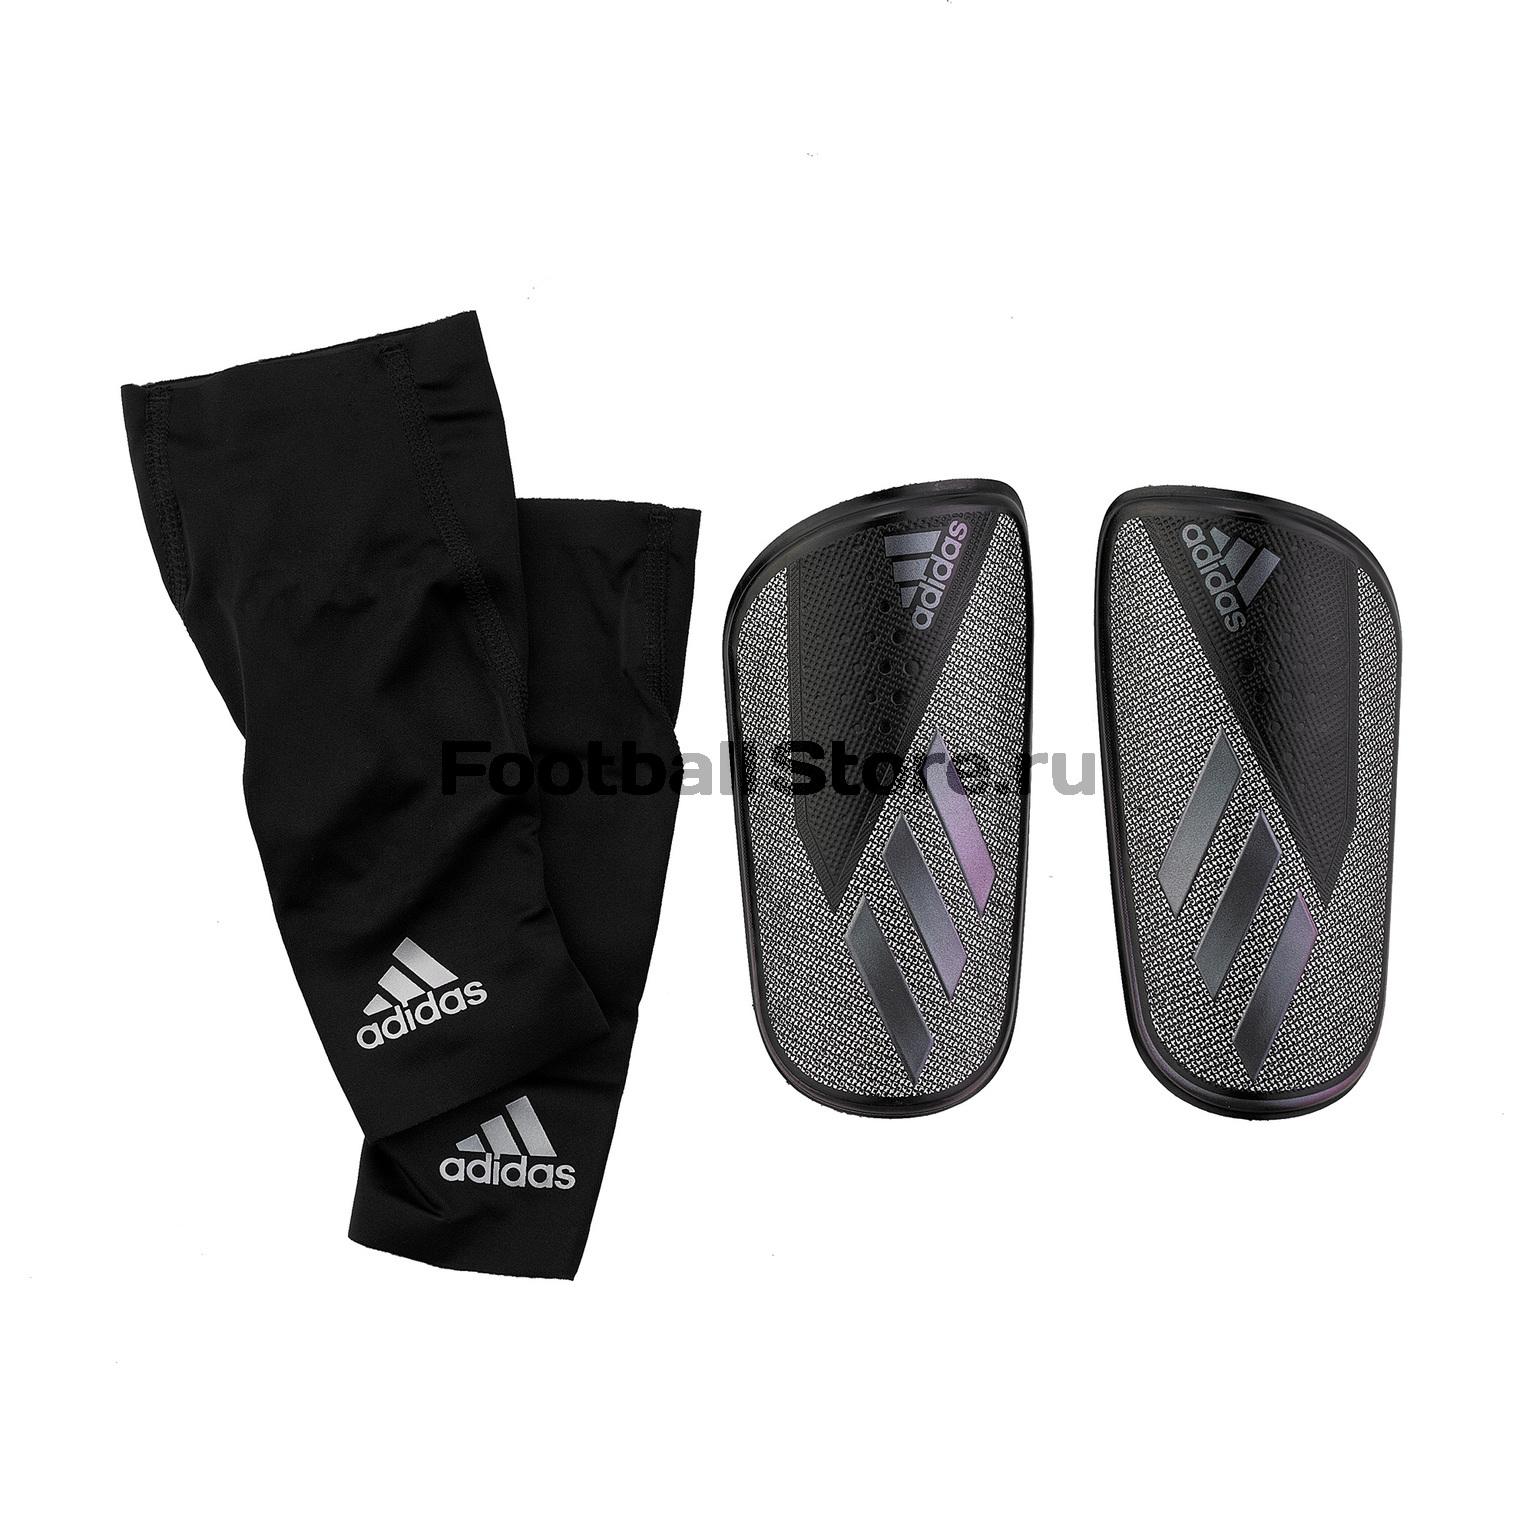 Щитки Adidas X Foil DX7747 щитки футбольные adidas x lesto dy2578 серебристый размер m